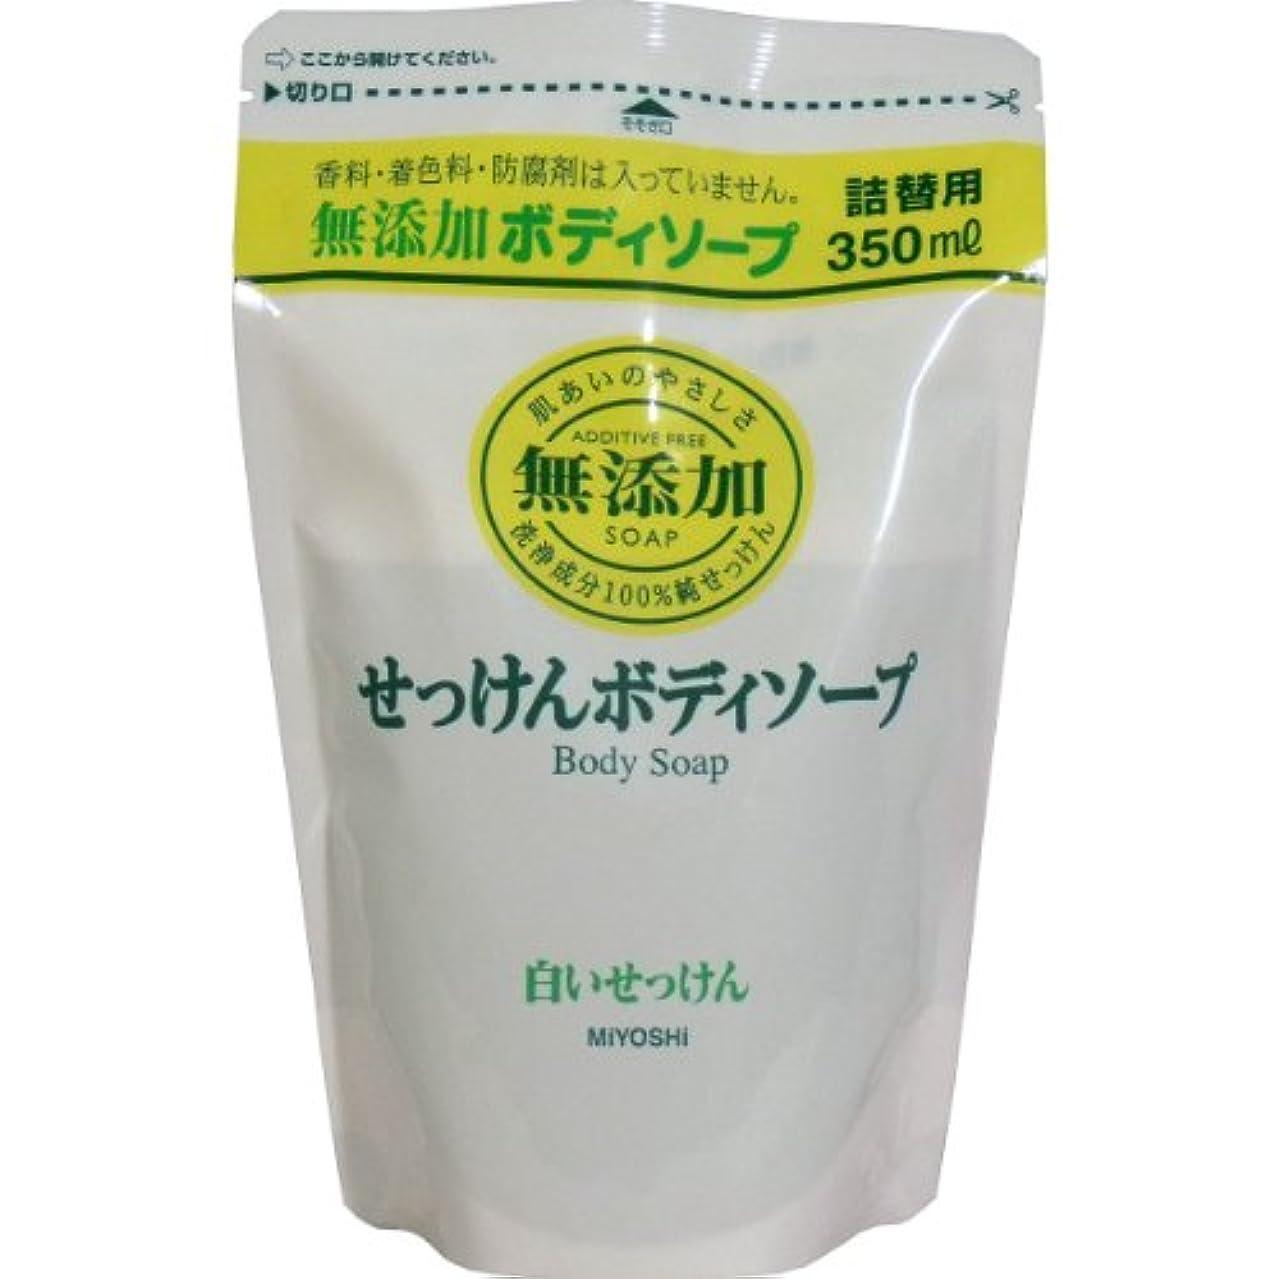 湿地きれいに公平ミヨシ石鹸 無添加 ボディソープ 白い石けん つめかえ用 350ml×20個セット(無添加石鹸)